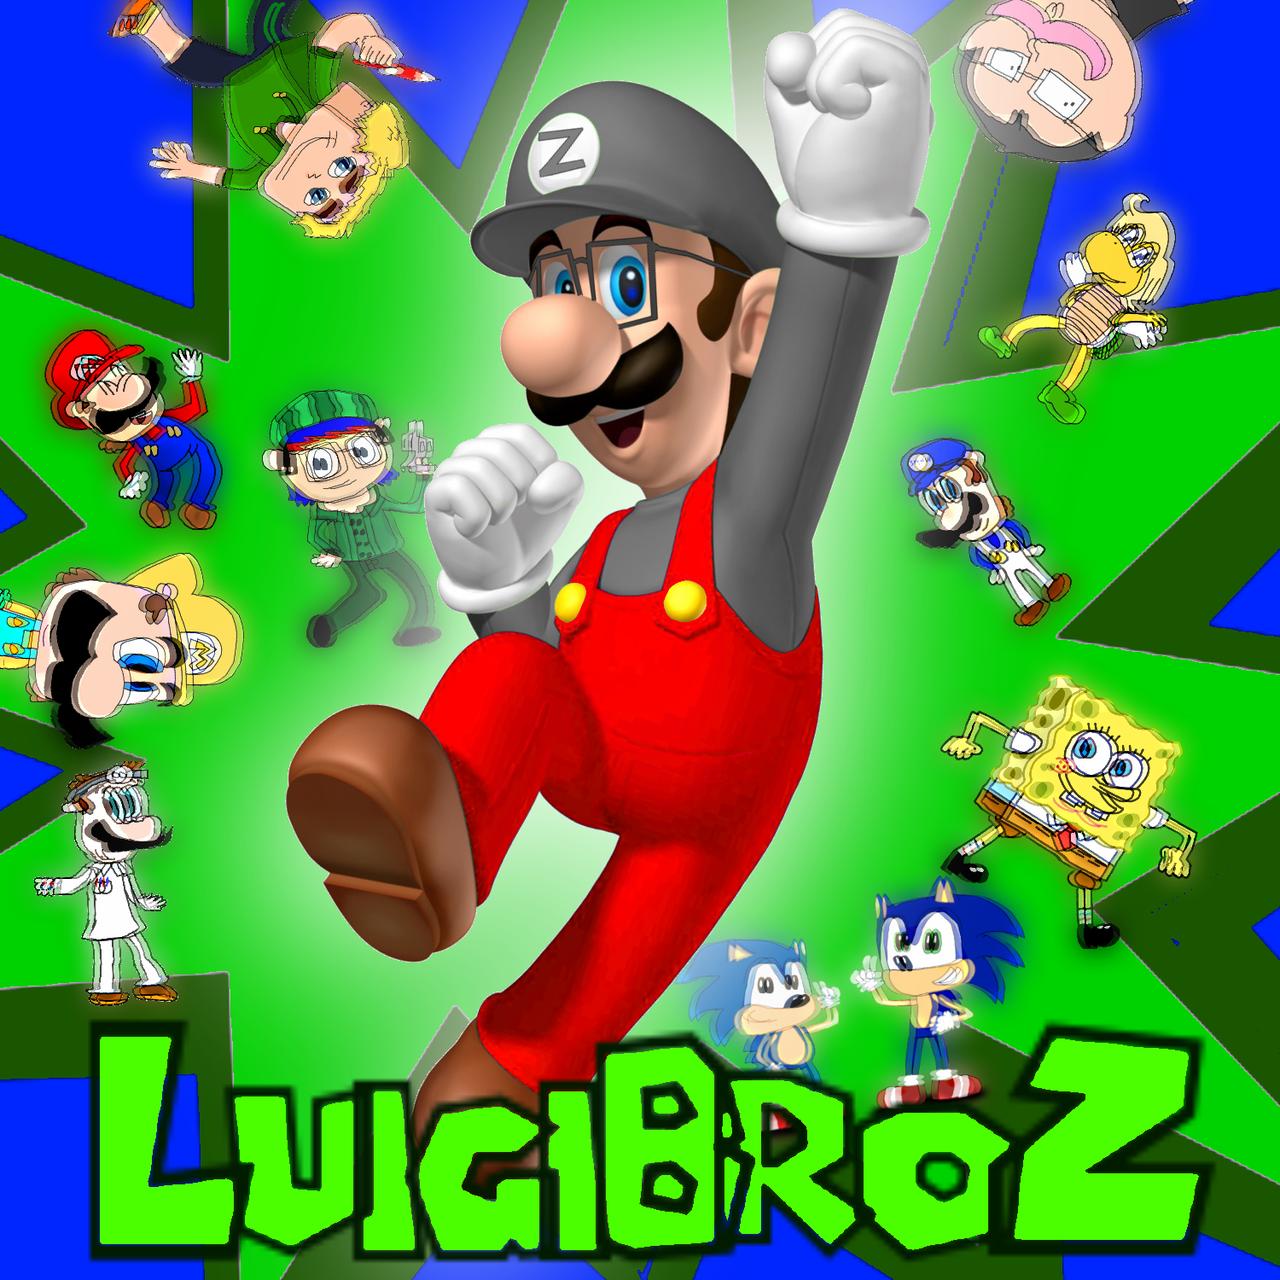 LuigiBroz's Profile Picture